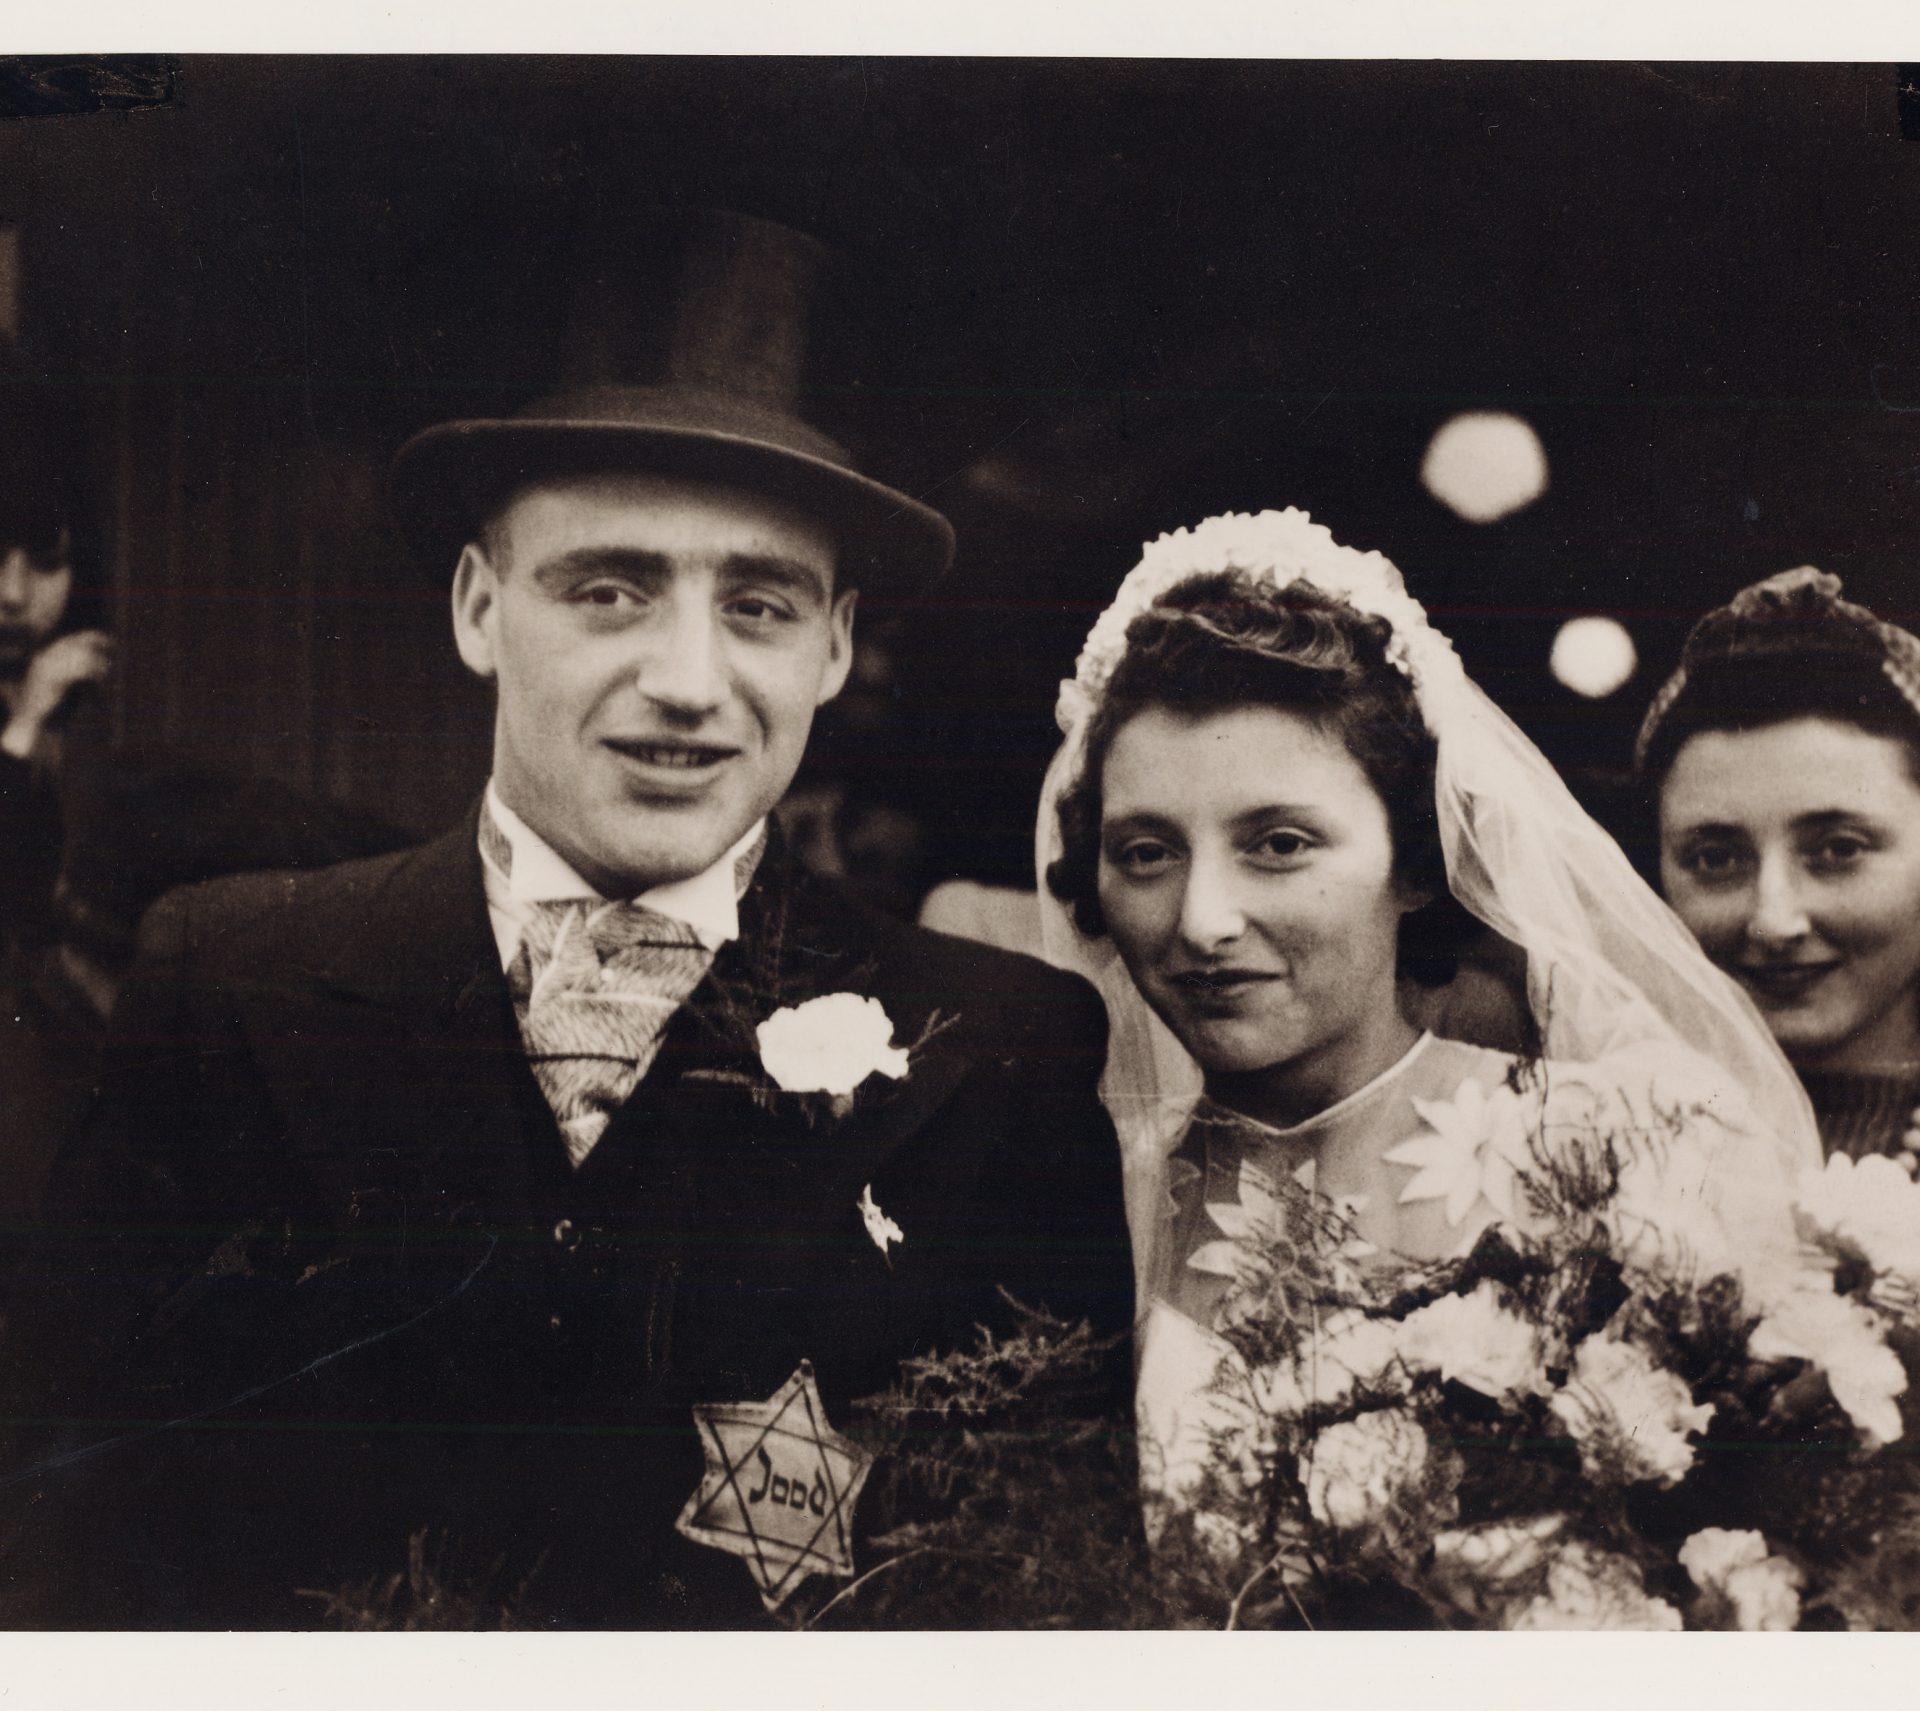 Photographie du mariage de Salomon Schryver, cousin de Sam, et Flora Mendels à Amsterdam en 1942.